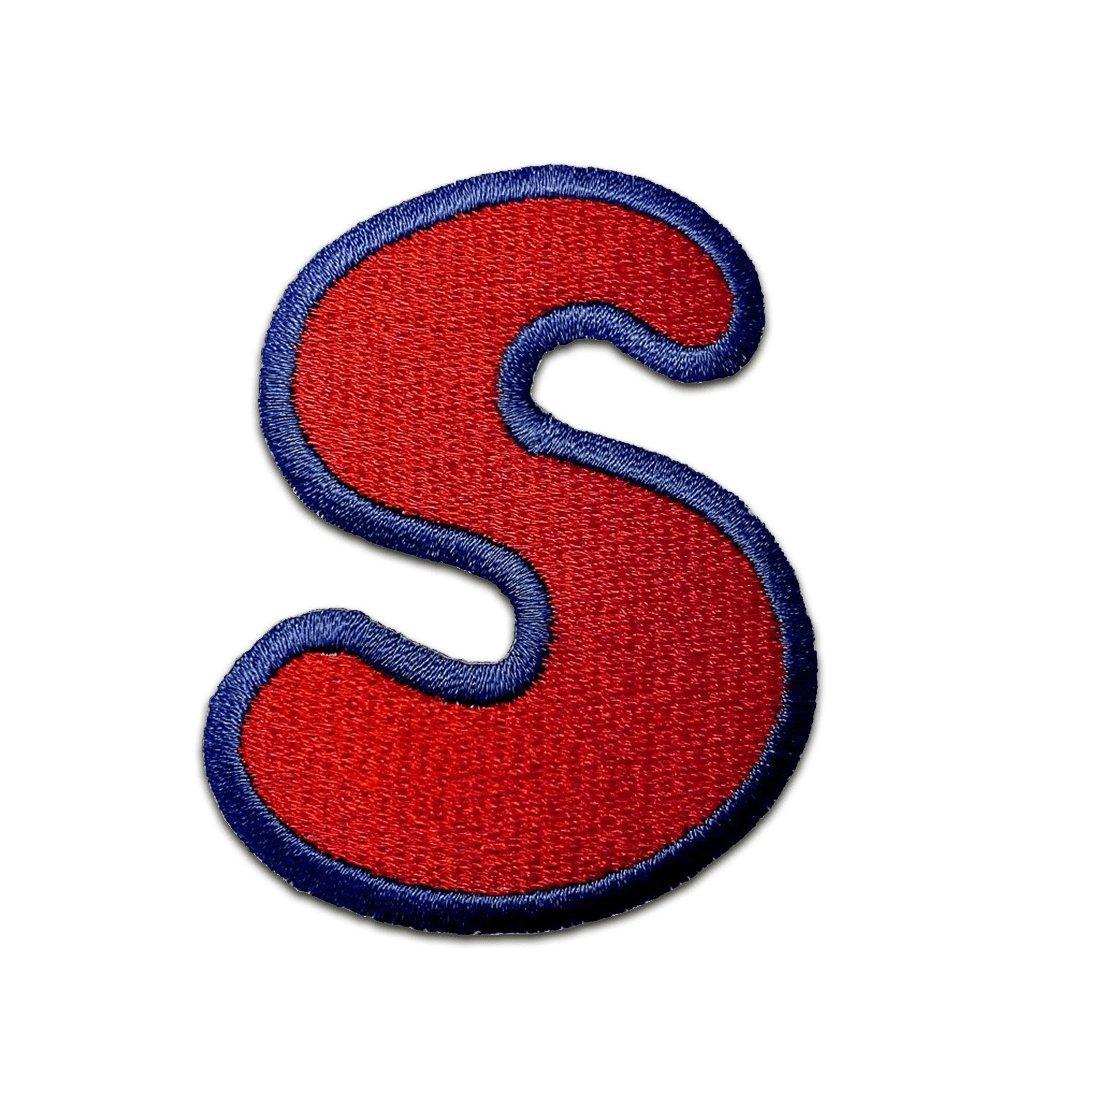 toppa termoadesiva Alfabeto/Lettera rosa Patch - diverse varianti disponibili, Alphabet/Buchstabe:Buchstabe J - 6.2x4cm Catch-the-Patch.de